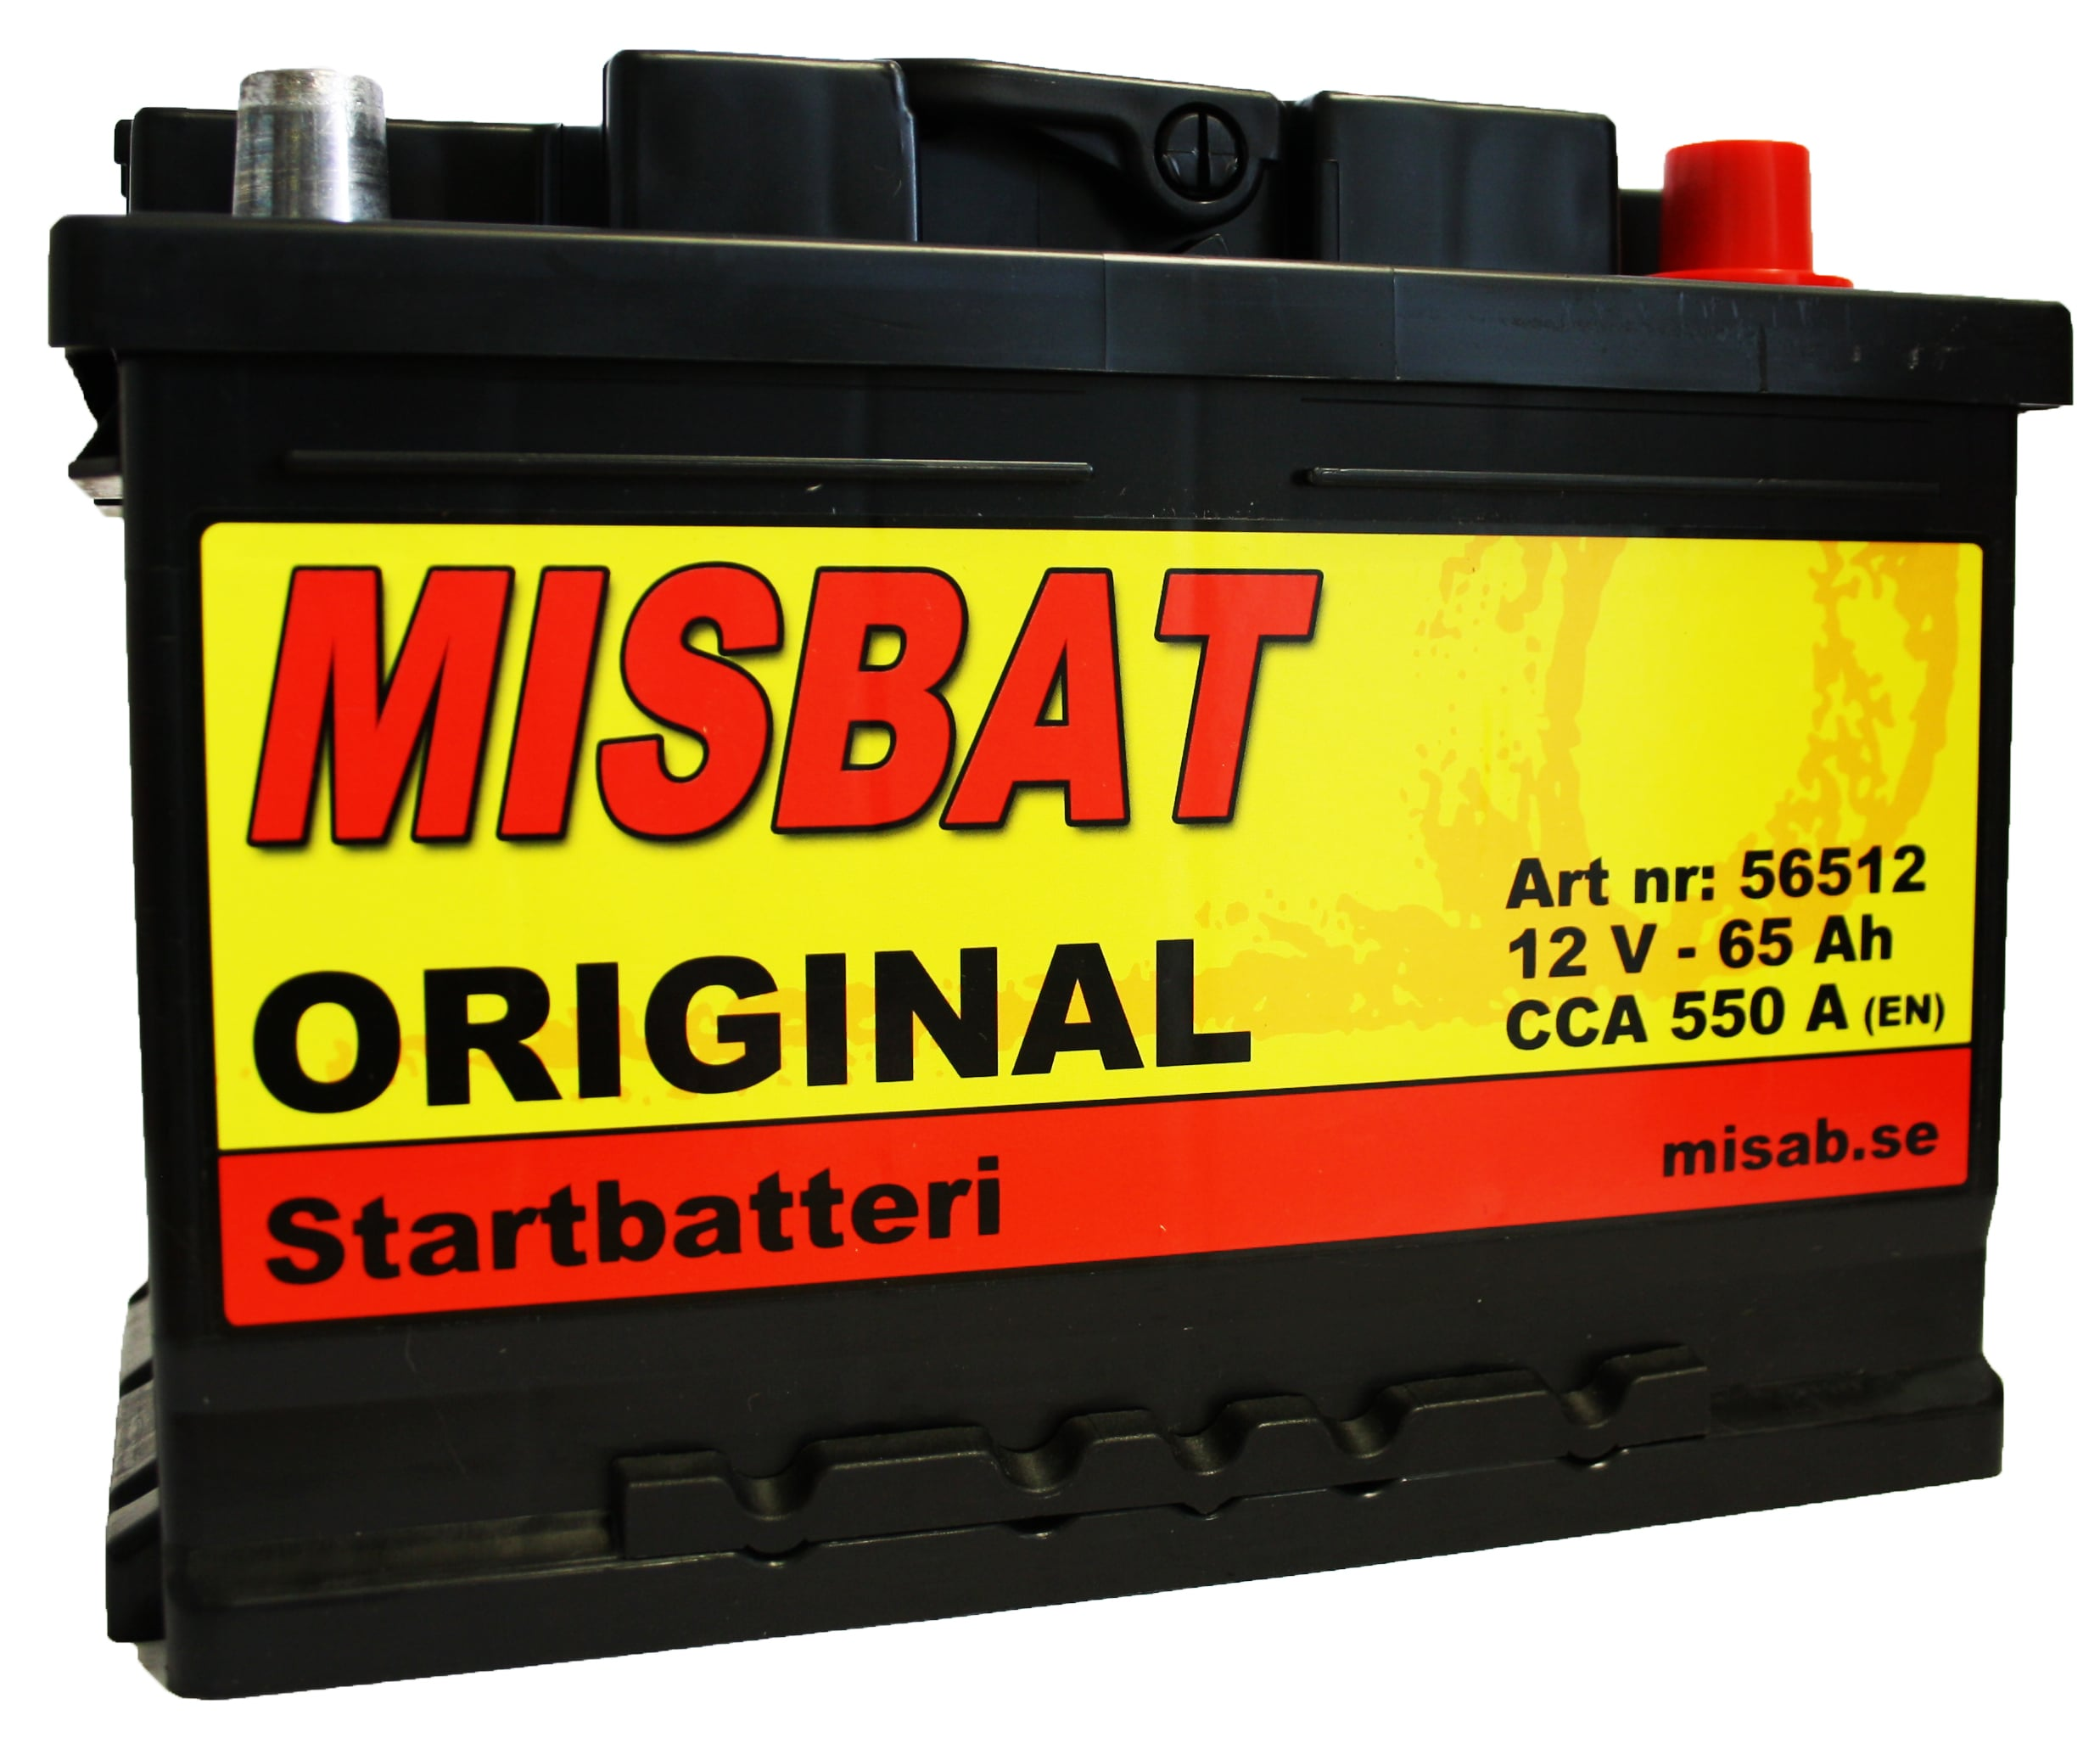 MISBAT ORIGINAL 65 AH